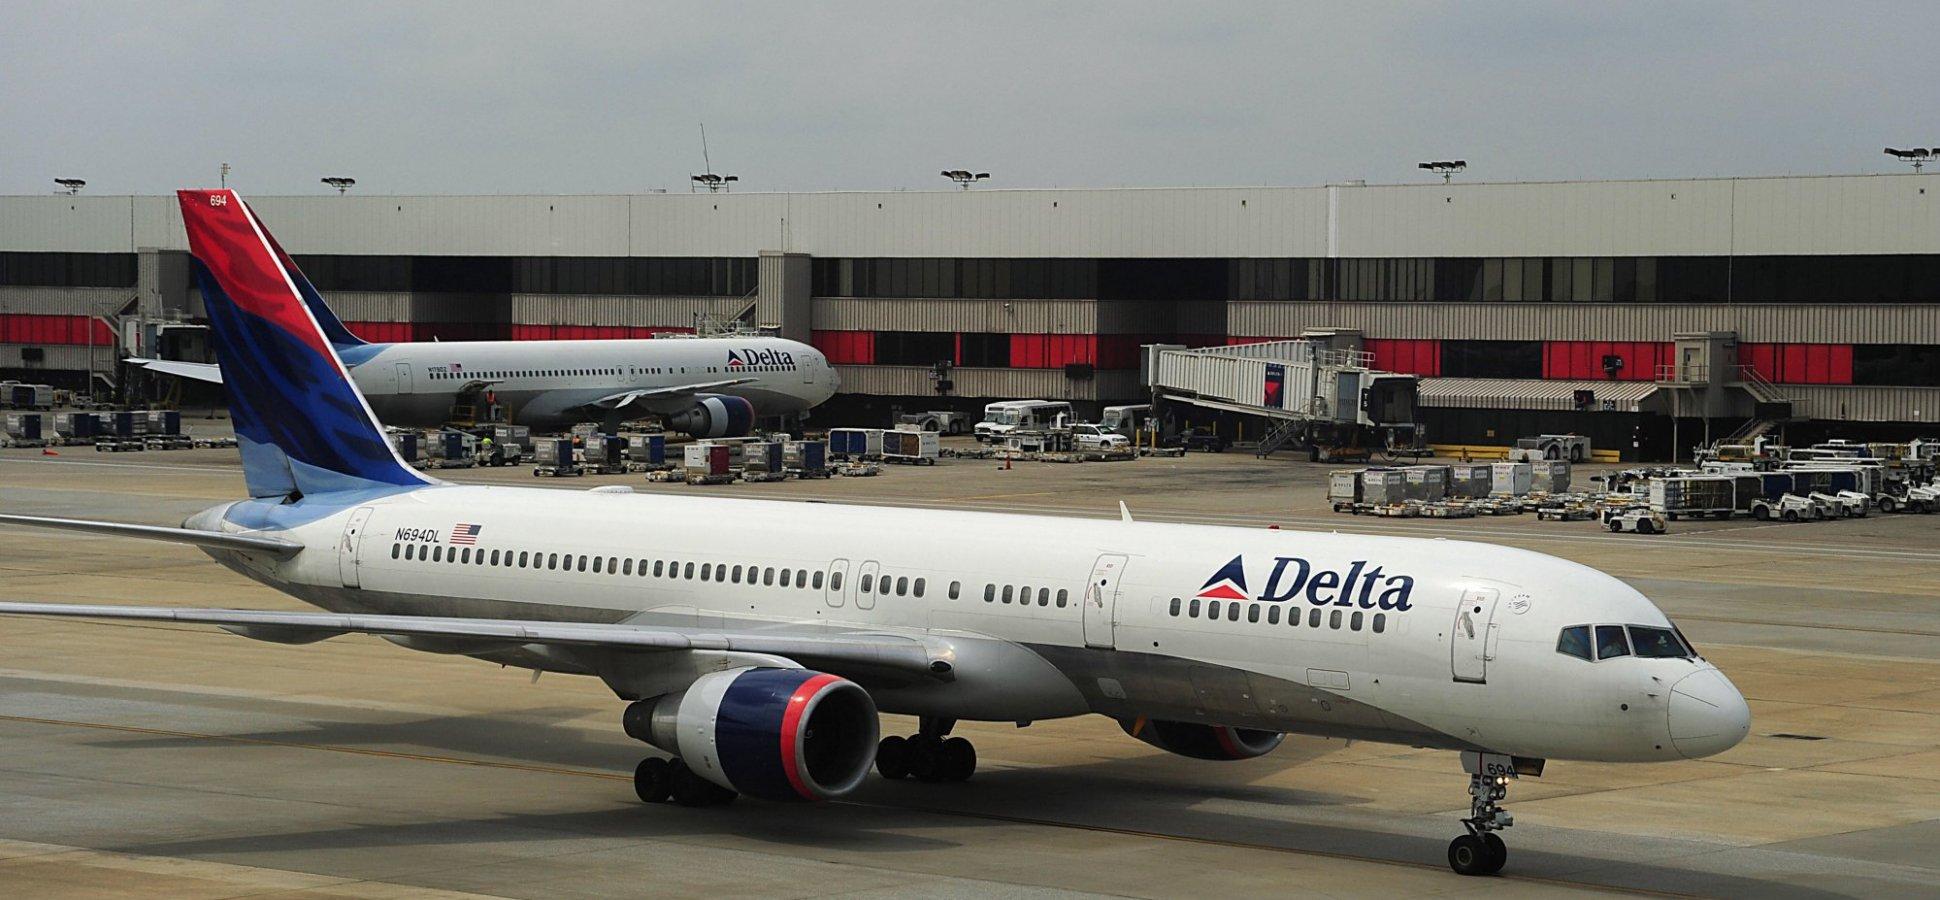 Bildresultat för delta airlines